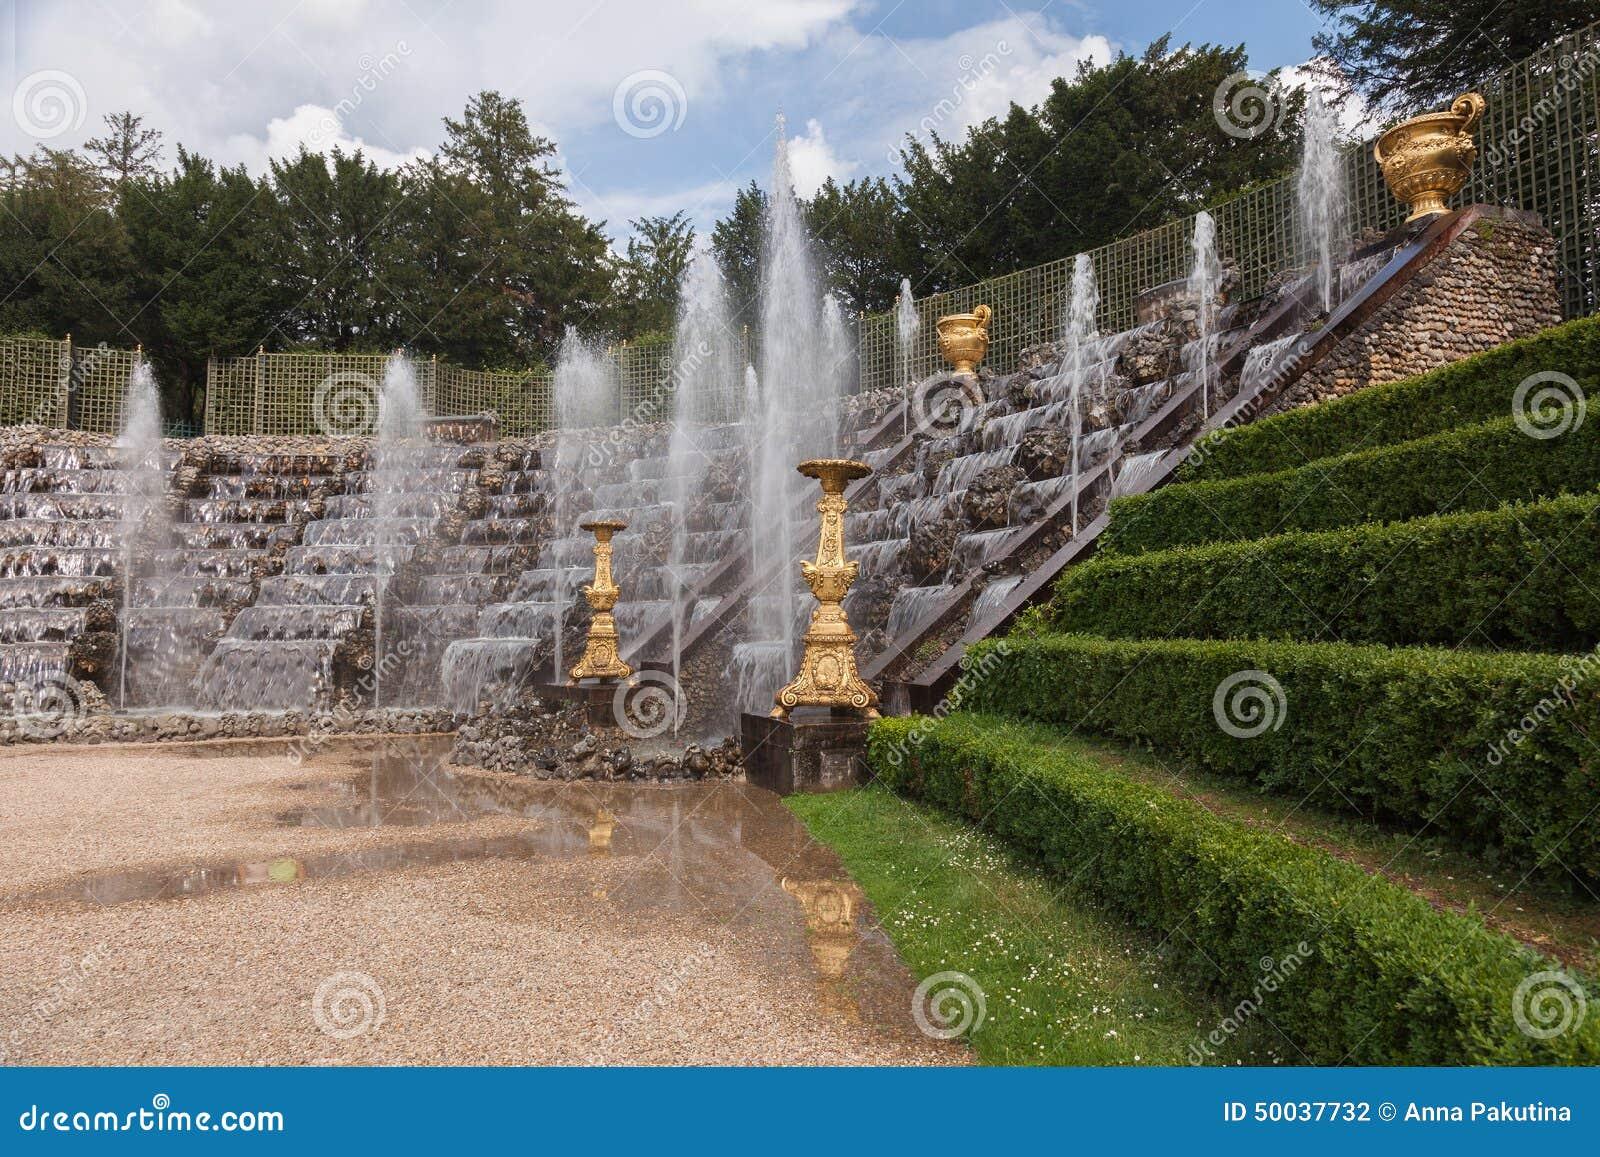 beroemde fonteinen in het park van het paleis van. Black Bedroom Furniture Sets. Home Design Ideas